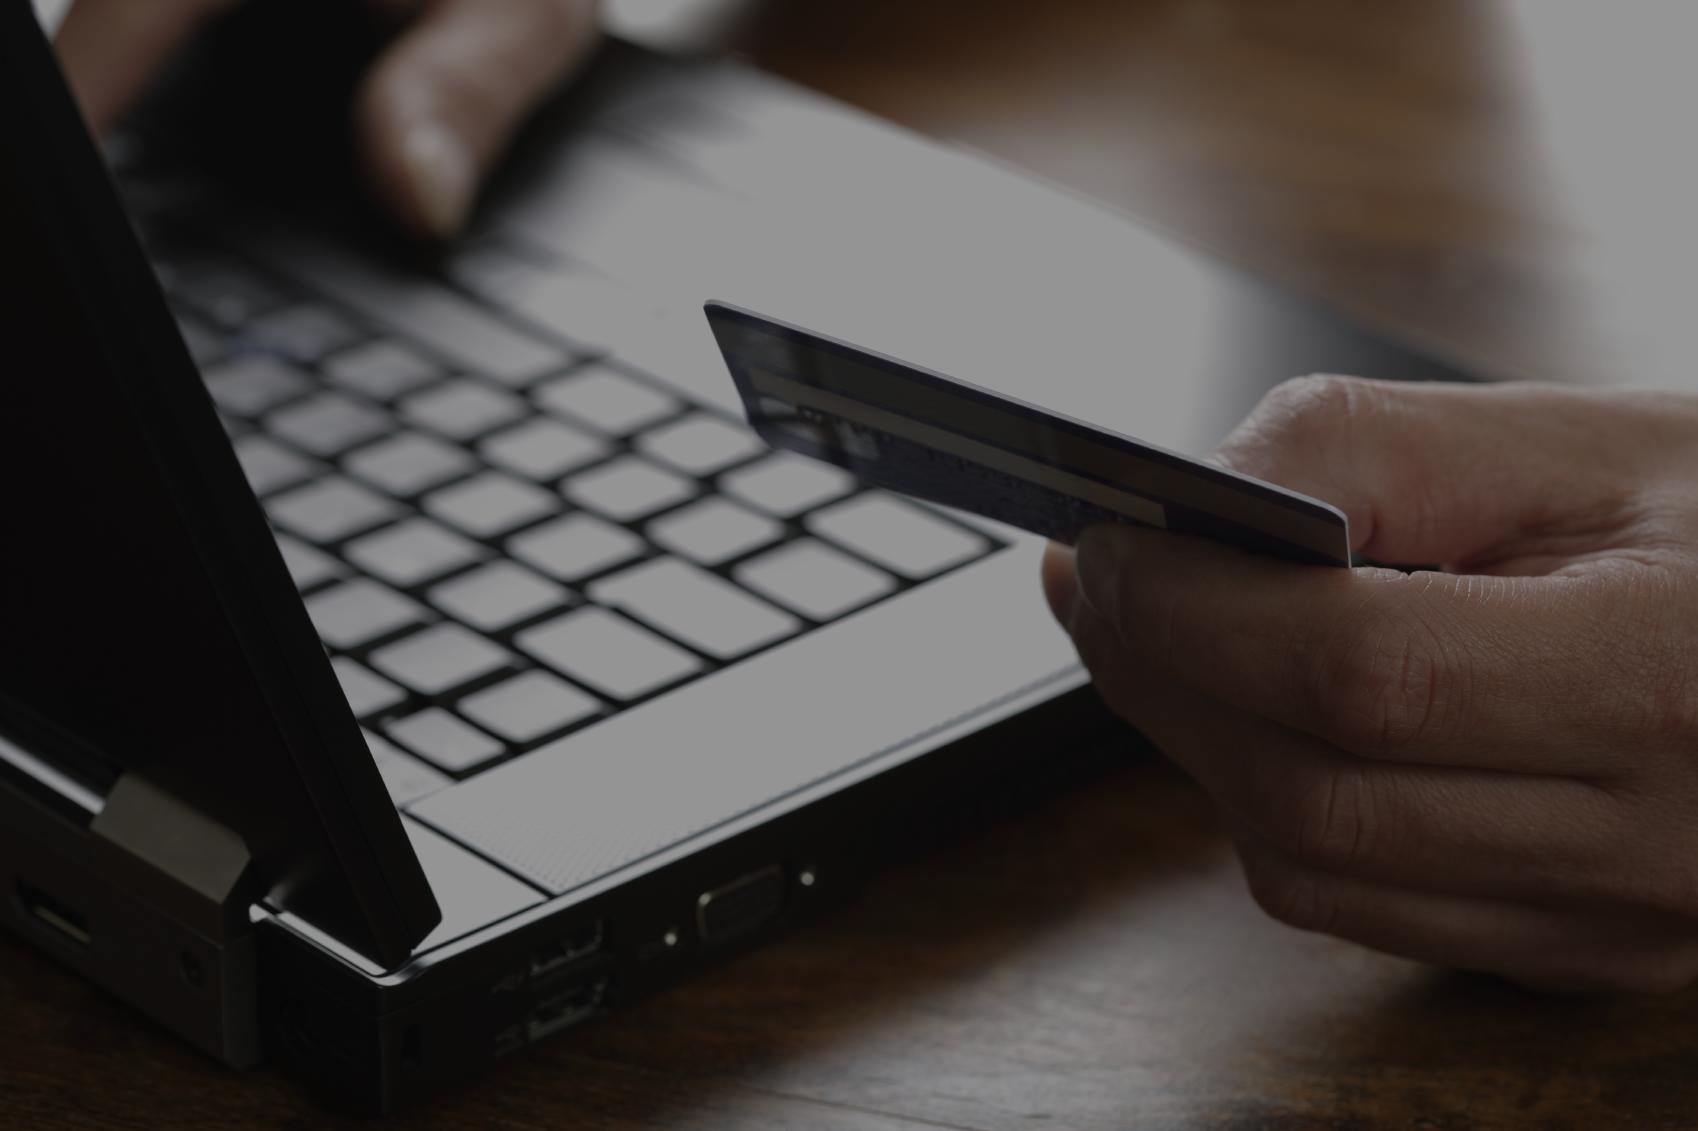 Реквізити для сплати по безготівковому розрахунку